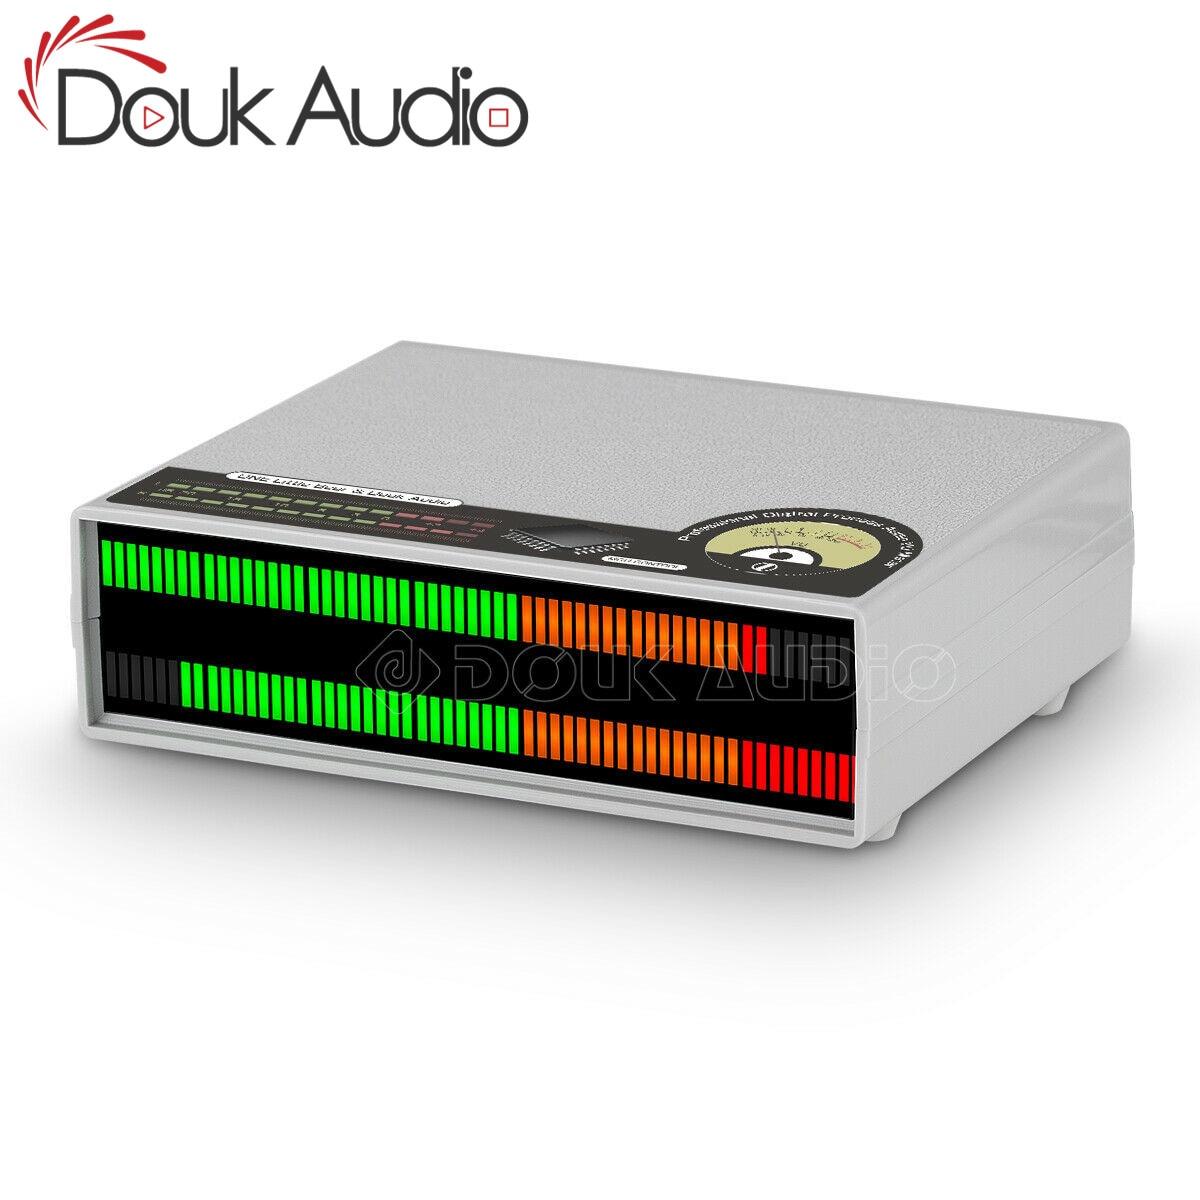 جهاز قياس مستوى الصوت من Douk مقاس 56 بت محلل شاشة عرض الصوت مزود بمصابيح LED للطيف الصوتي متخيل لسطح المكتب لنظام ستيريو المنزل